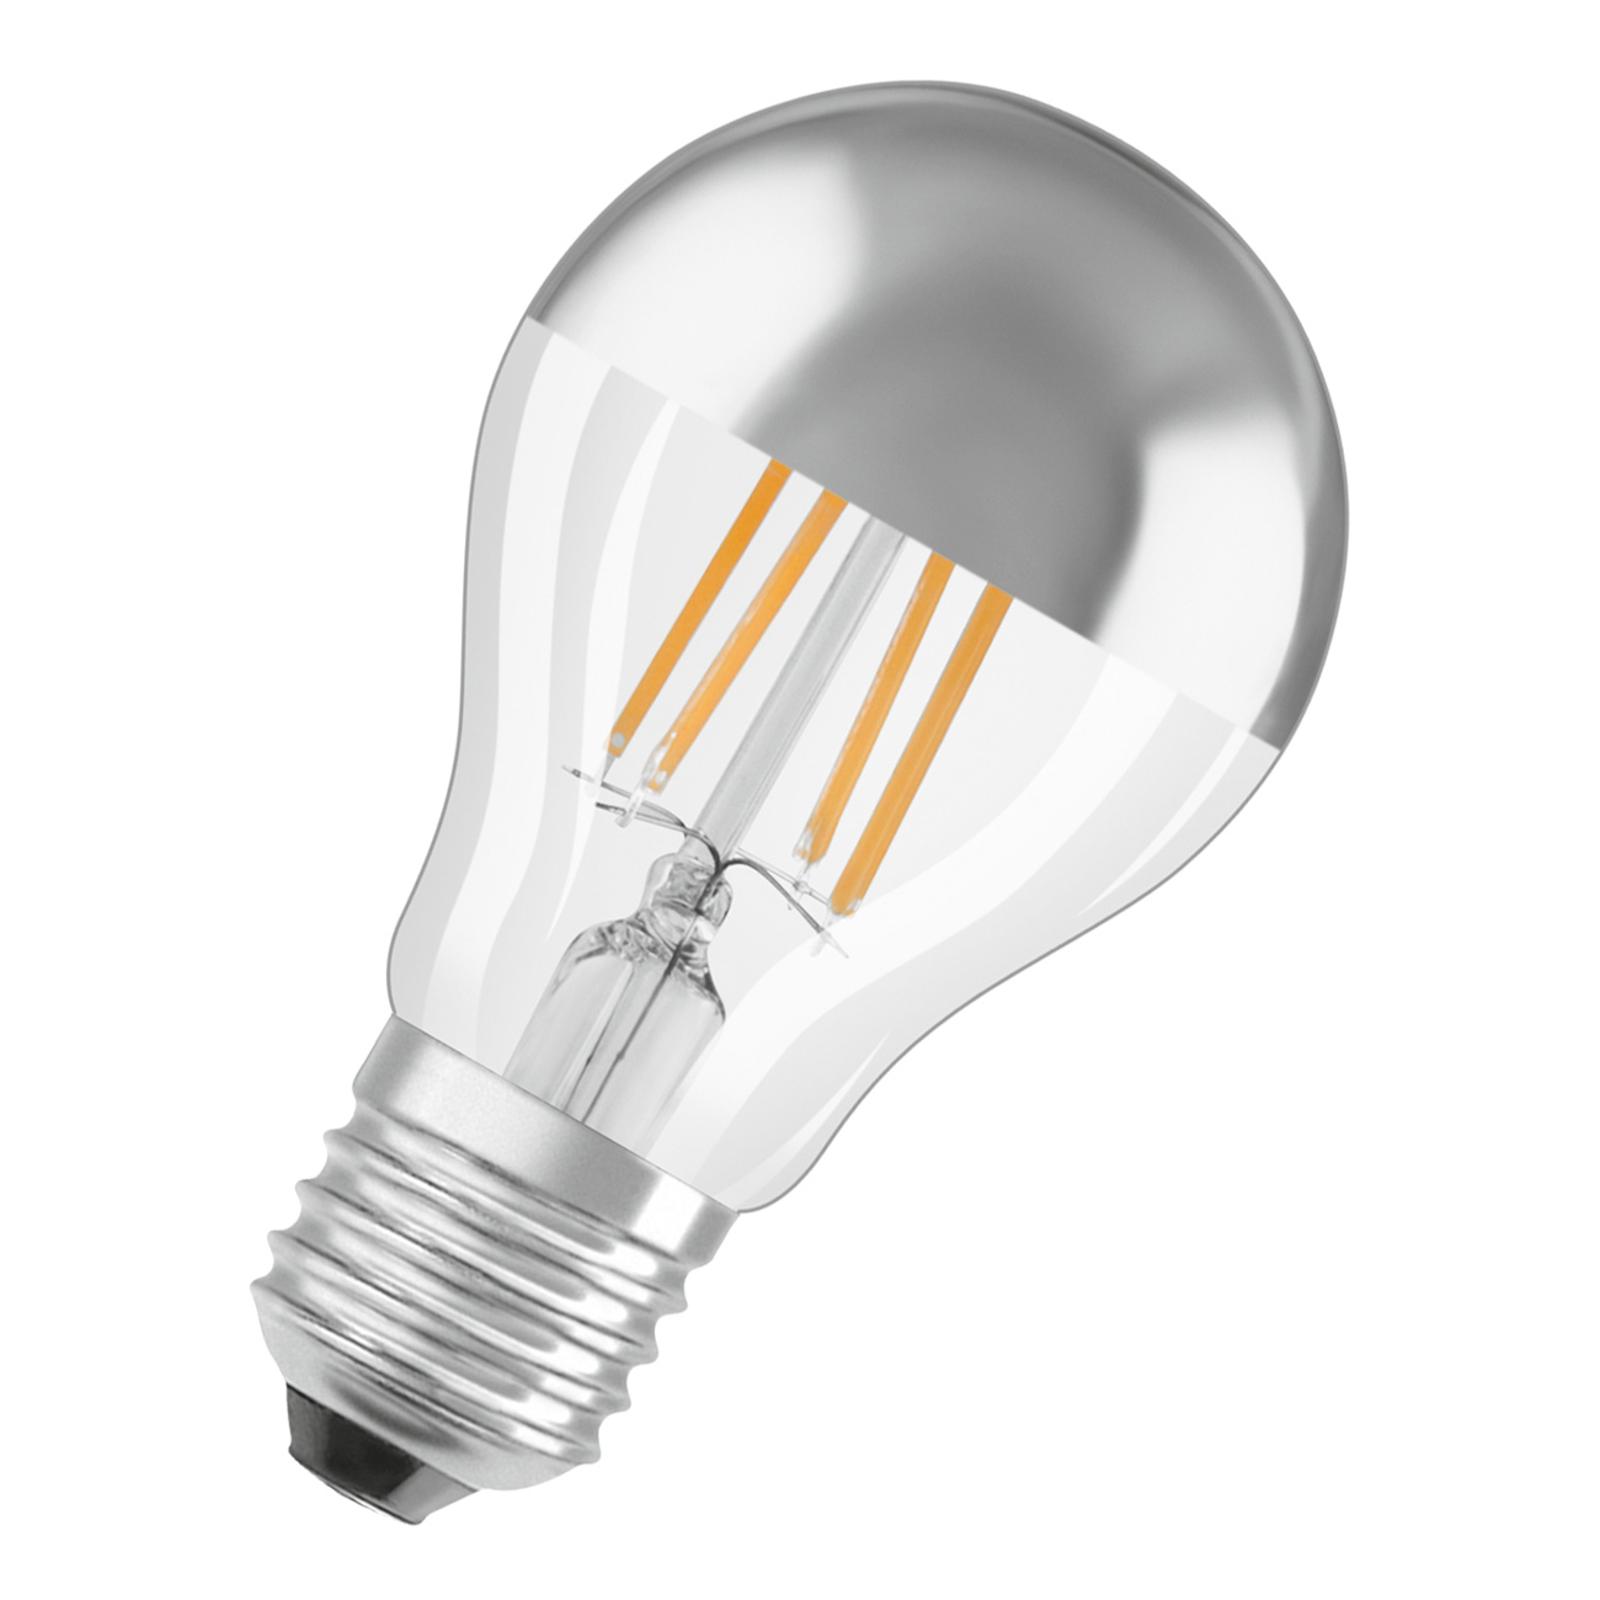 OSRAM-LED-lamppu E27 6,5W Mirror silver 2 700 K